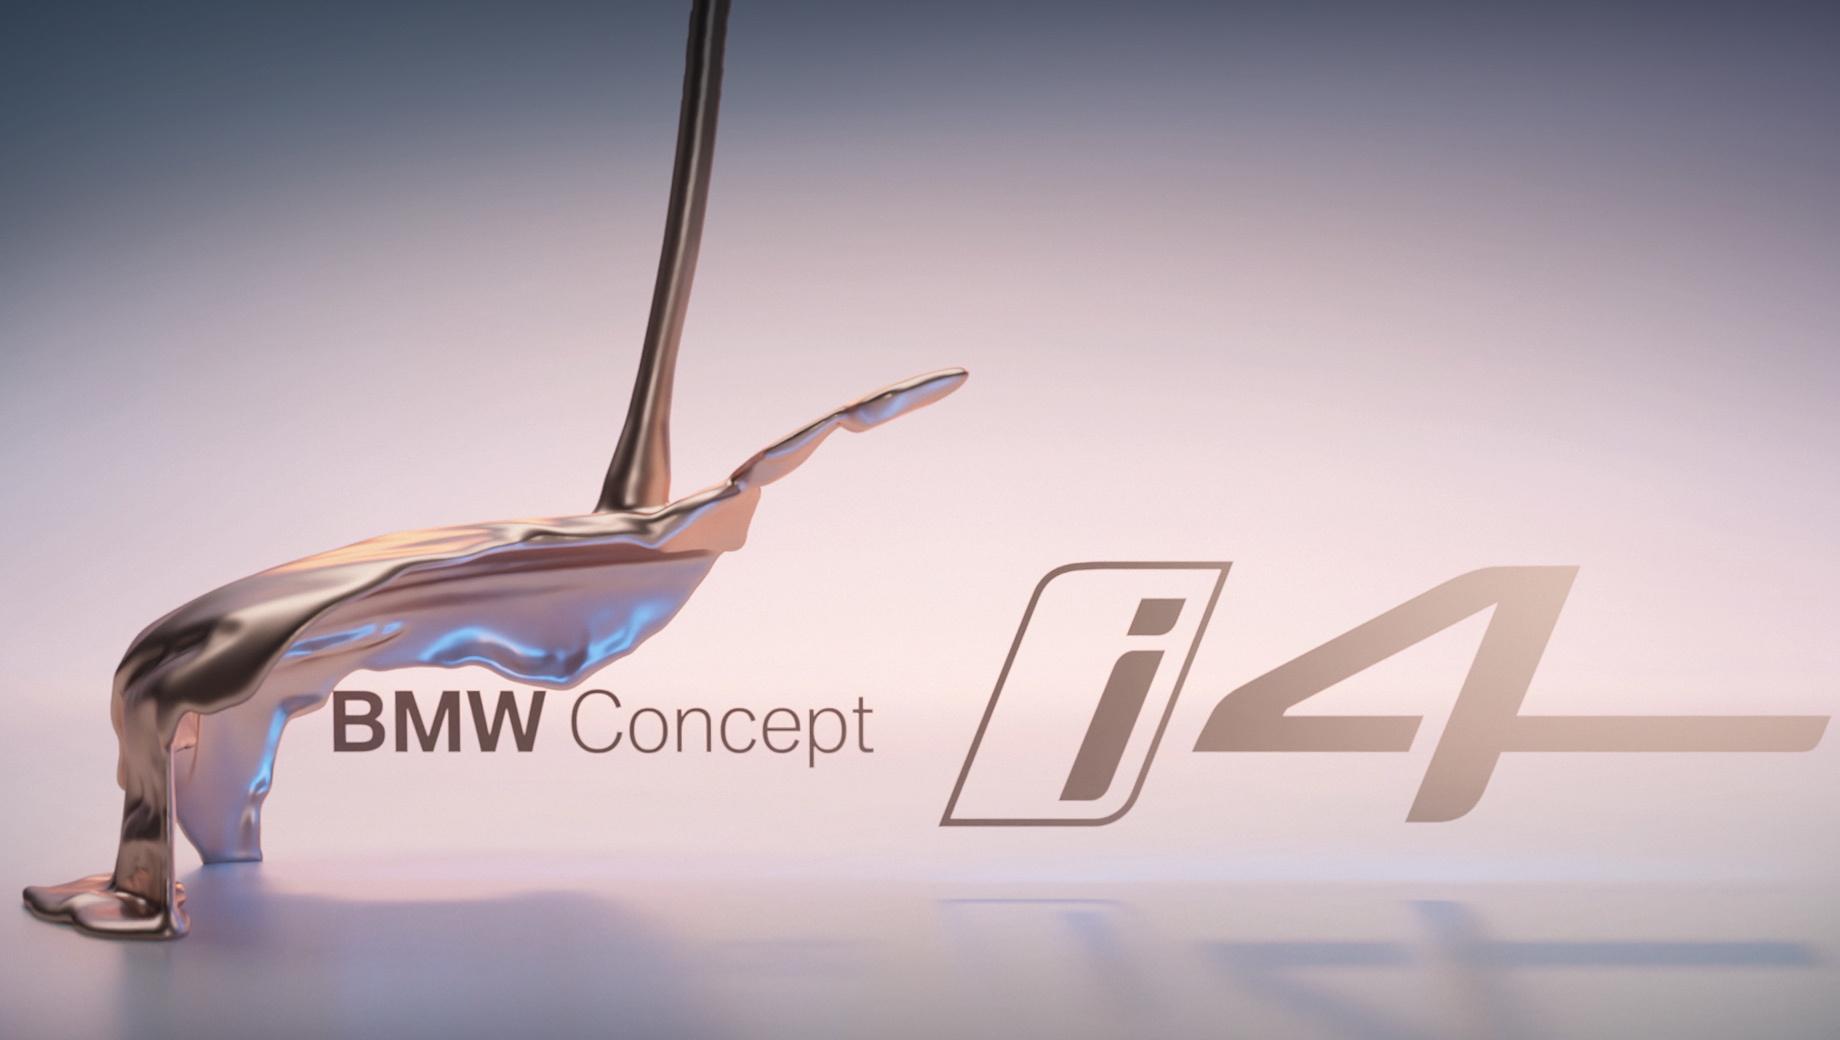 Bmw i4. «Четырёхдверное Gran Coupe» станет первой чисто электрической моделью BMW Group в D-сегменте, но вместо фотографий компания опубликовала тизер концепта.